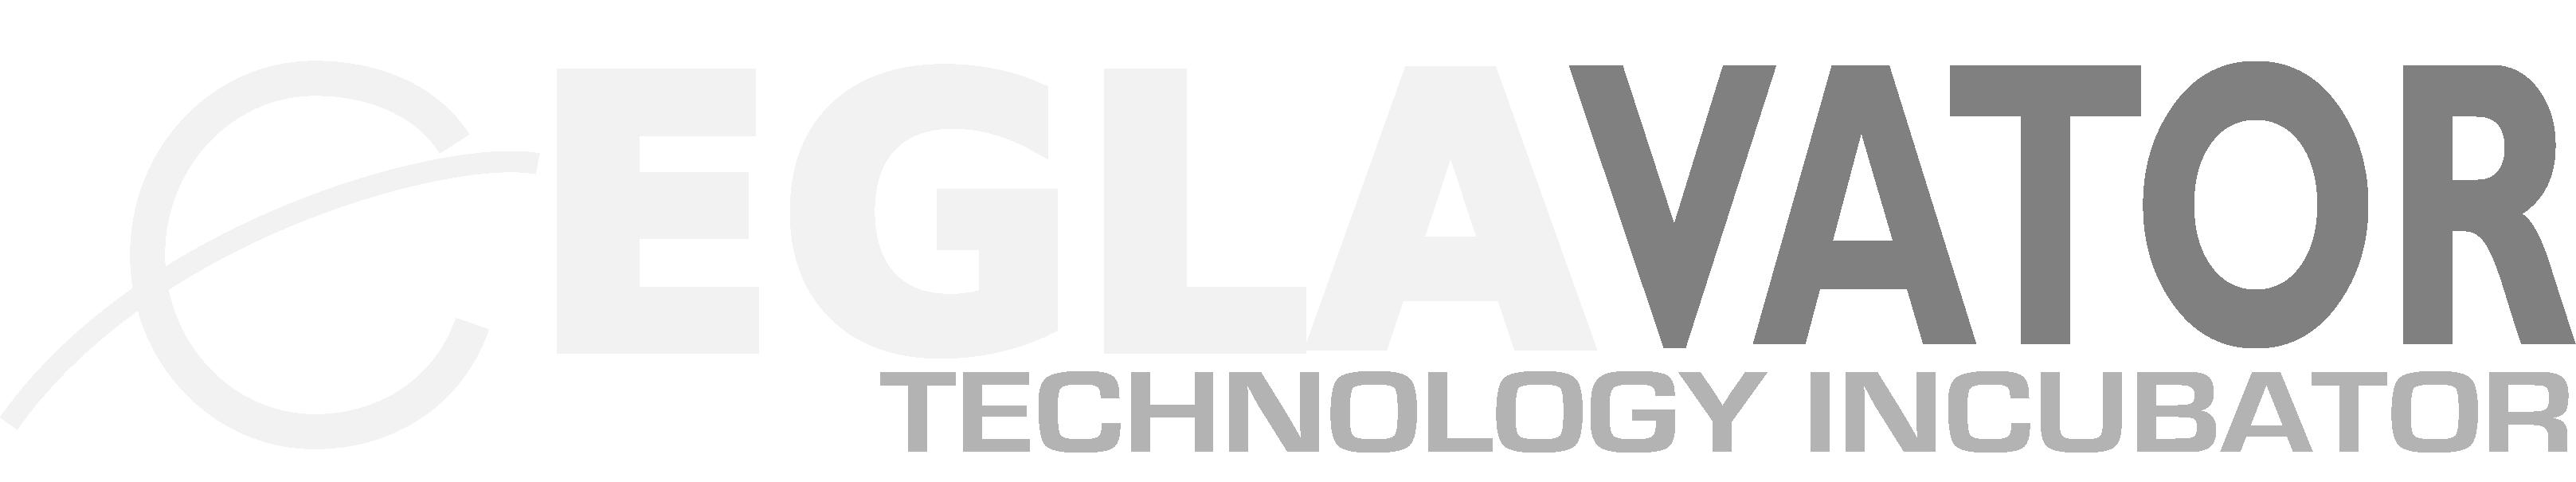 EGLAVATOR – EGLA's Tech Incubator